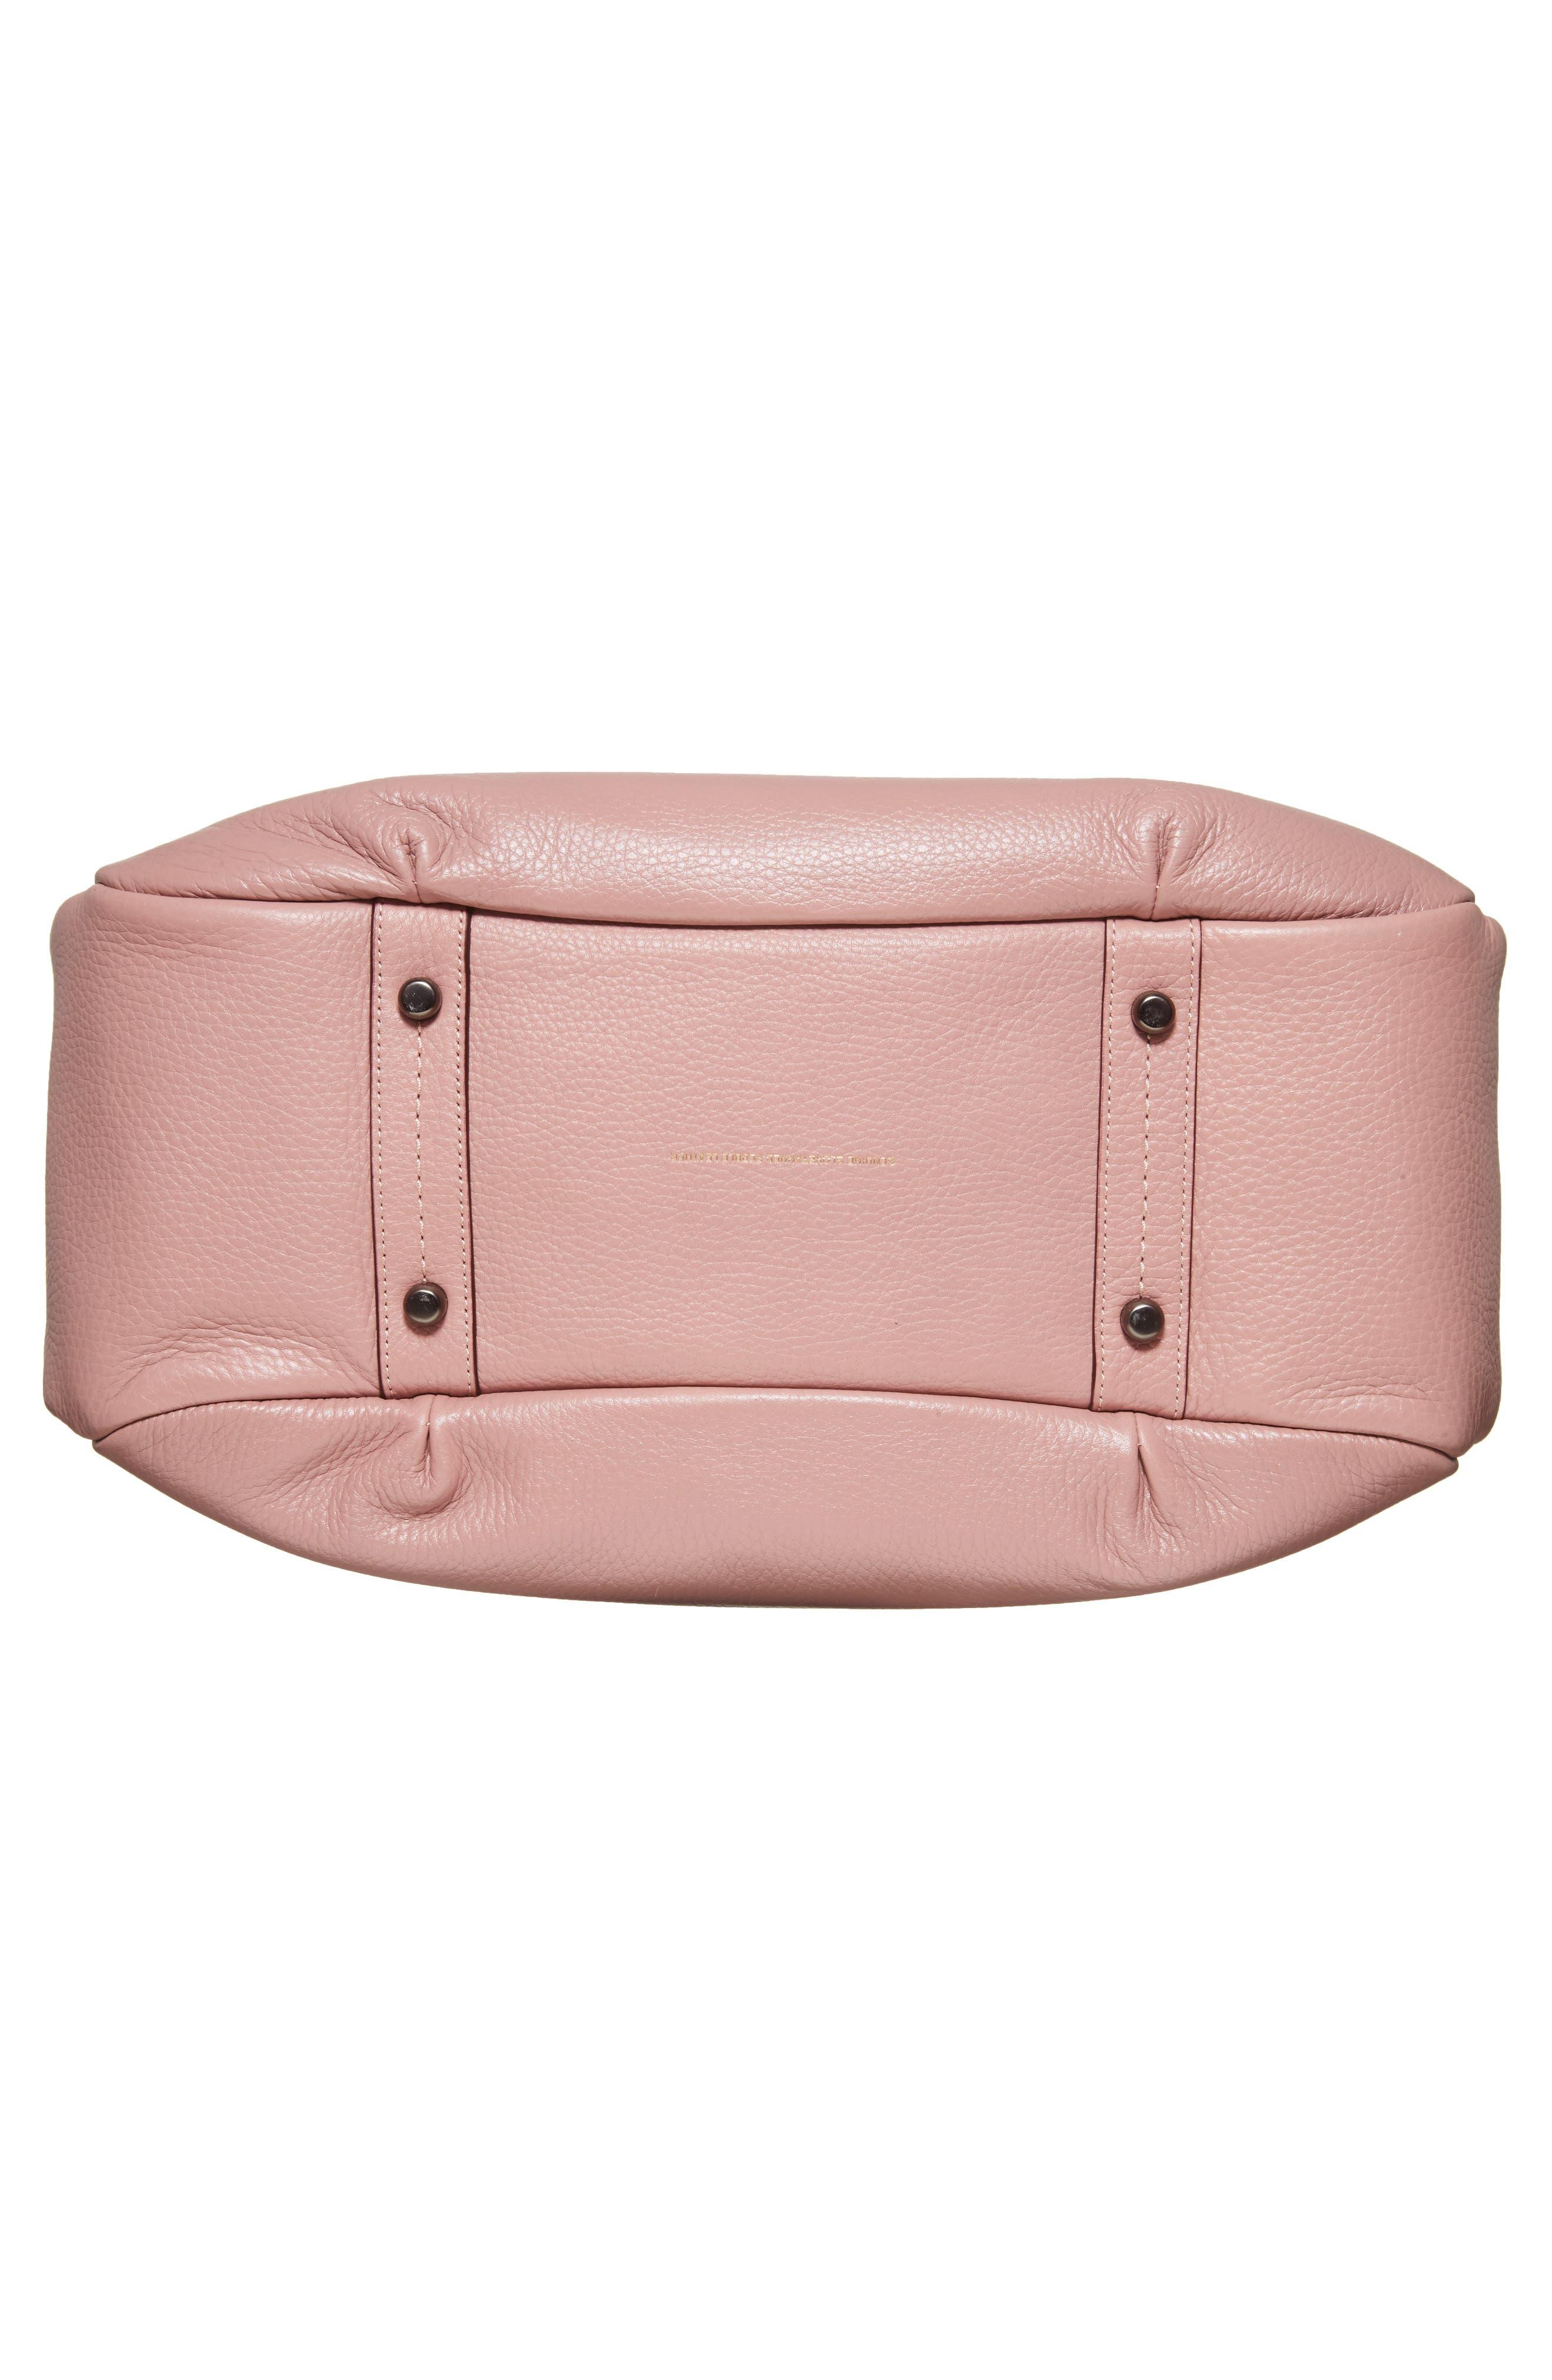 Bandit 39 Leather Hobo & Removable Shoulder Bag,                             Alternate thumbnail 7, color,                             650